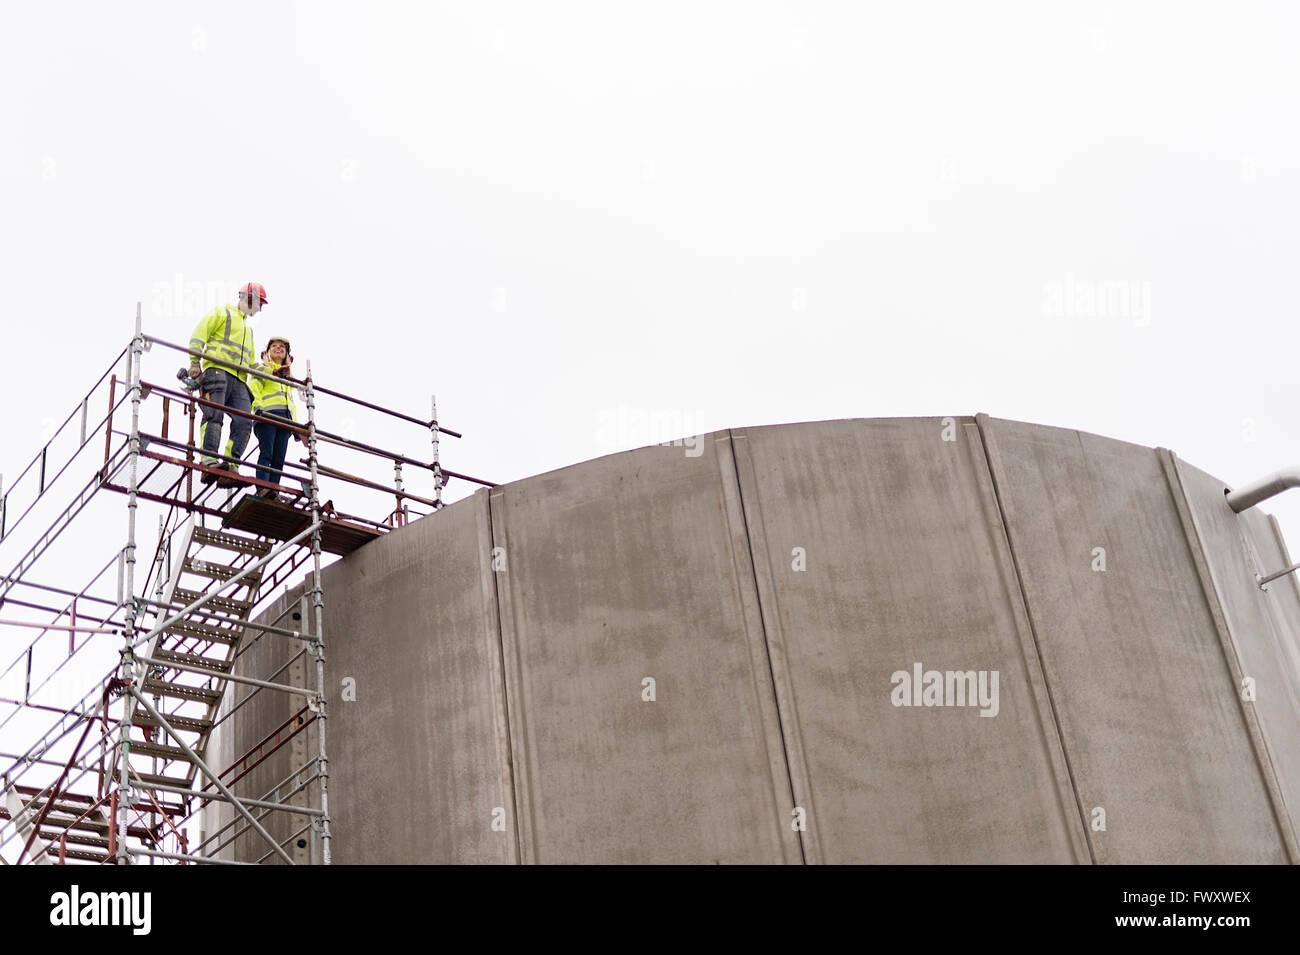 La Svezia, Vastmanland, l uomo e la donna in piedi su un ponteggio da impianto di trattamento delle acque Immagini Stock